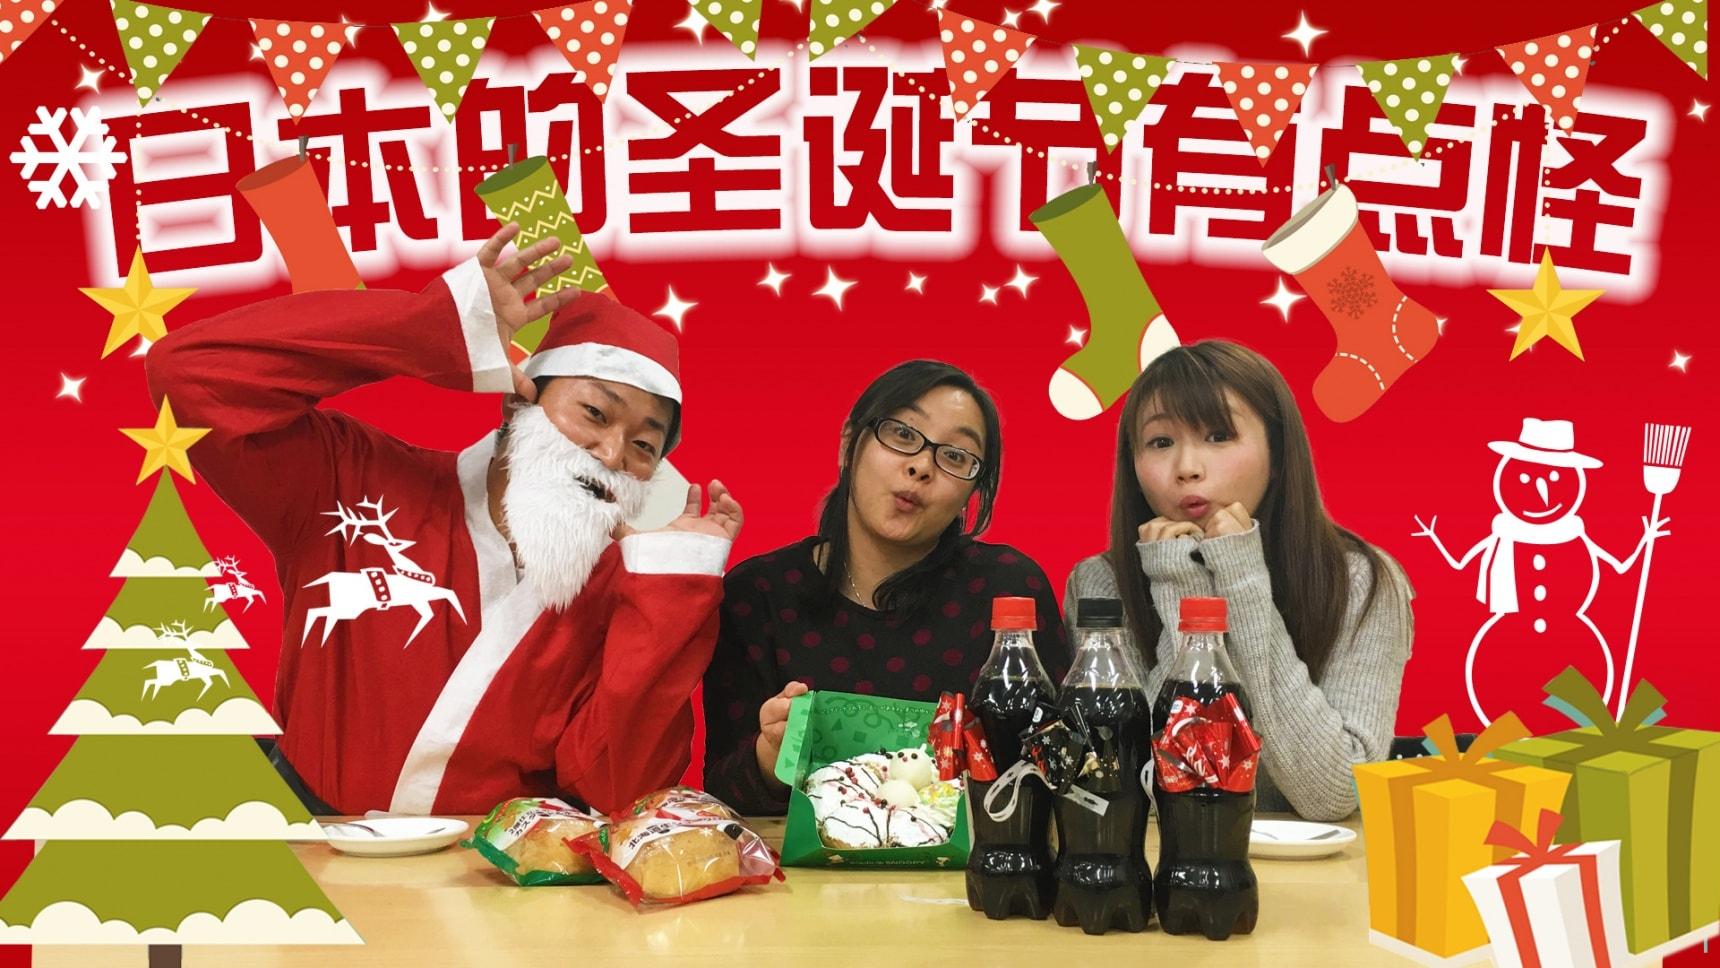 日本的圣诞节有点怪!?